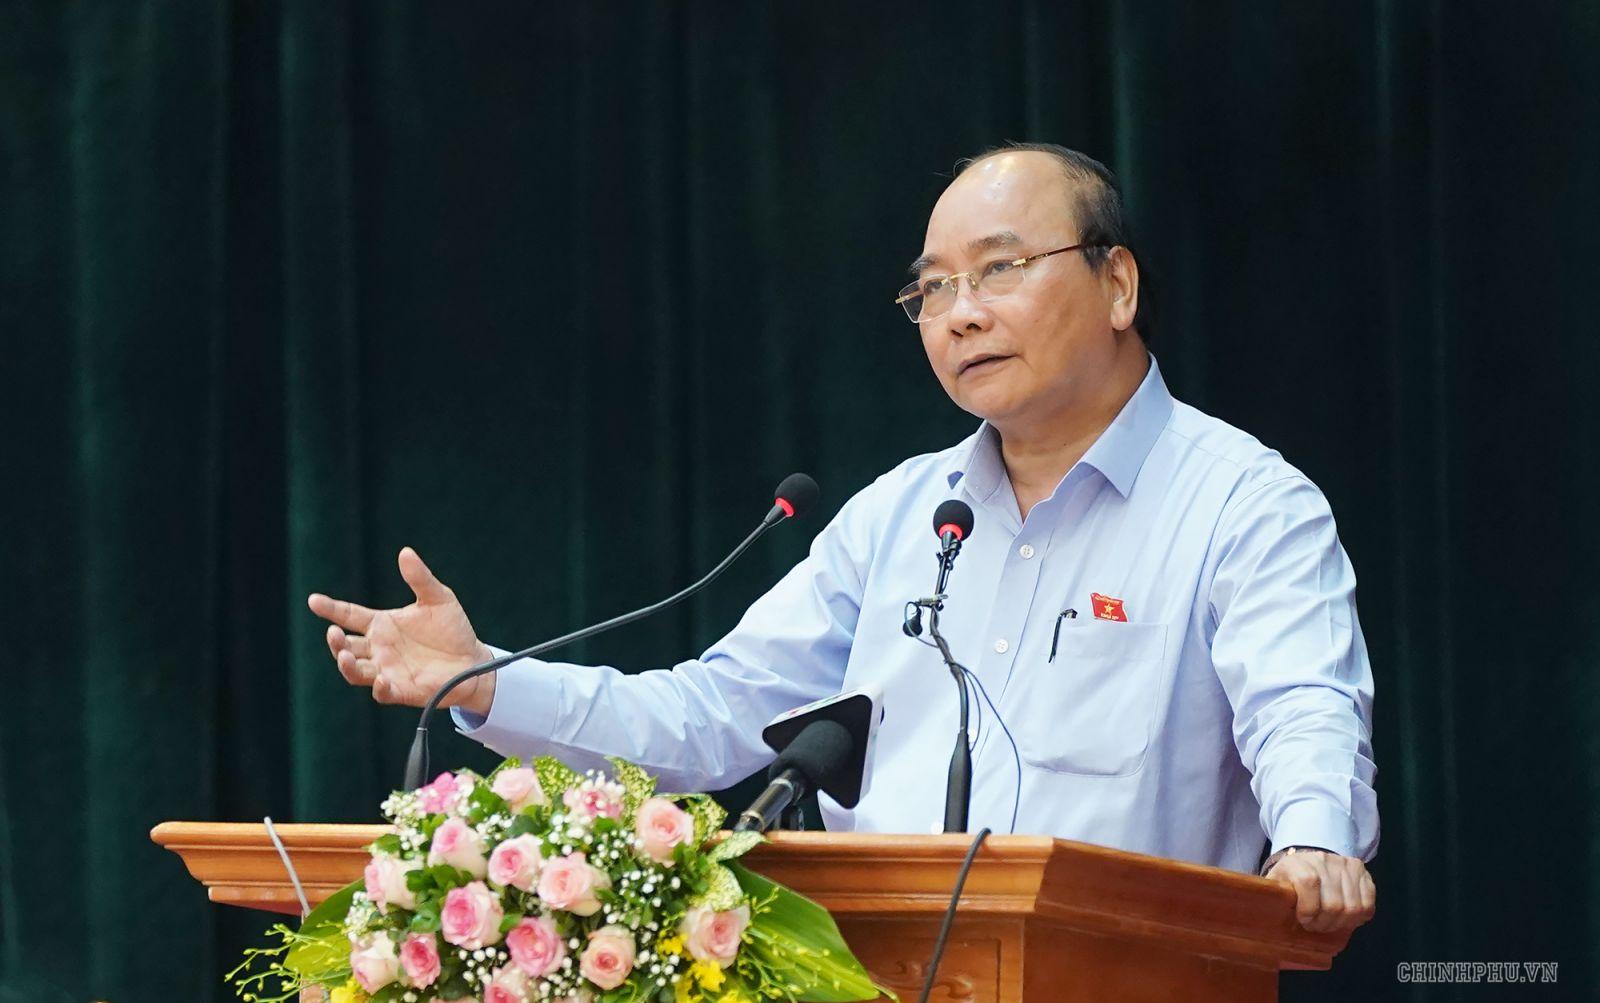 Thủ tướng phát biểu tại cuộc tiếp xúc cử tri. Ảnh: VGP/Quang Hiếu